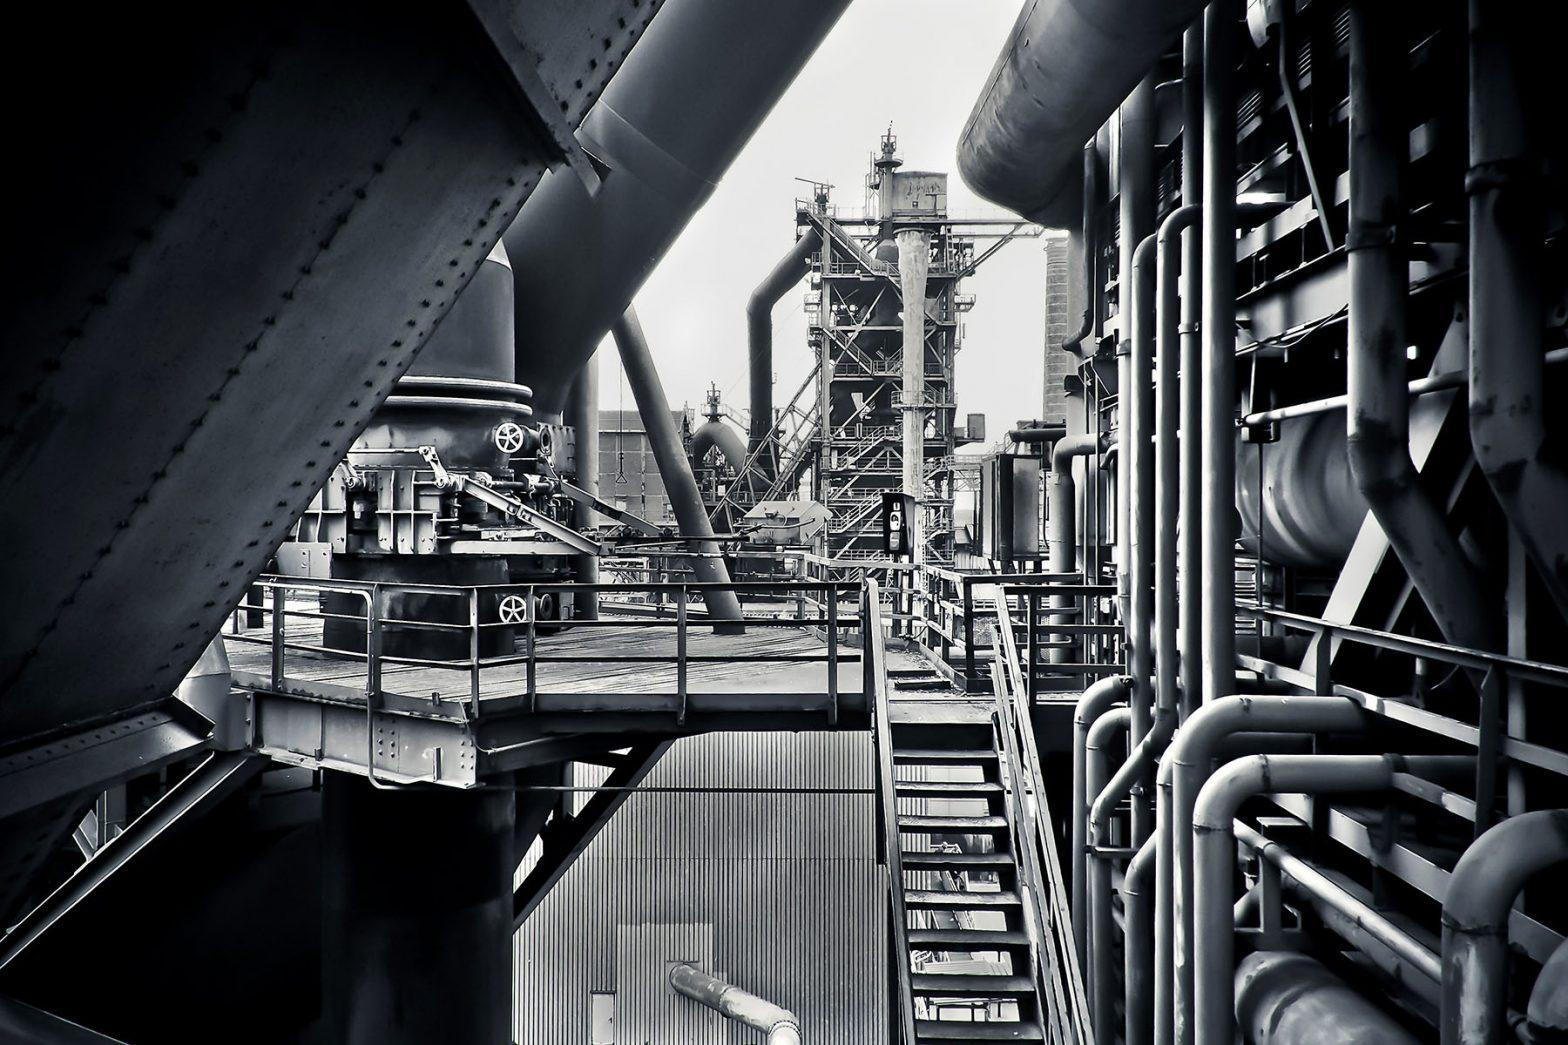 Wybór odpowiedniego rozwiązania przemysłowego do konkretnej instalacji